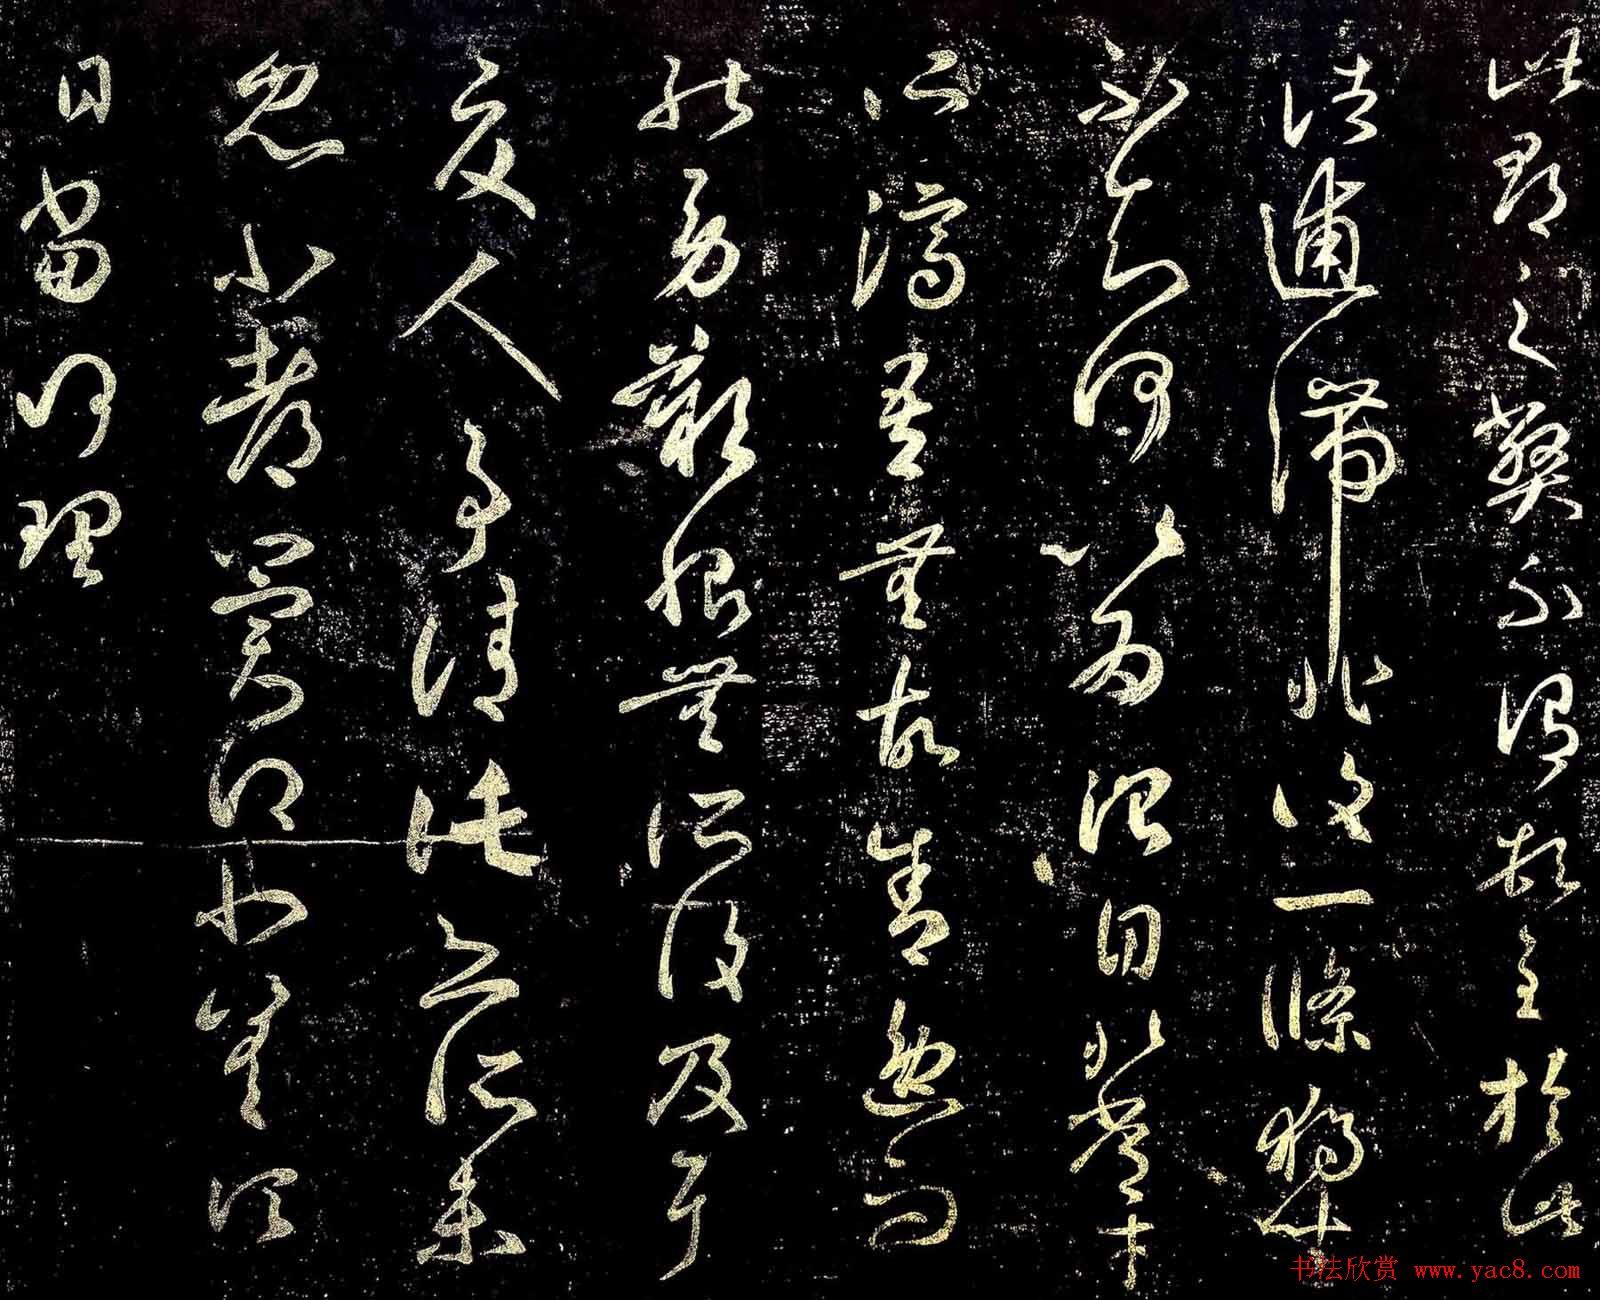 东晋王羲之草书欣赏《此郡帖》五种